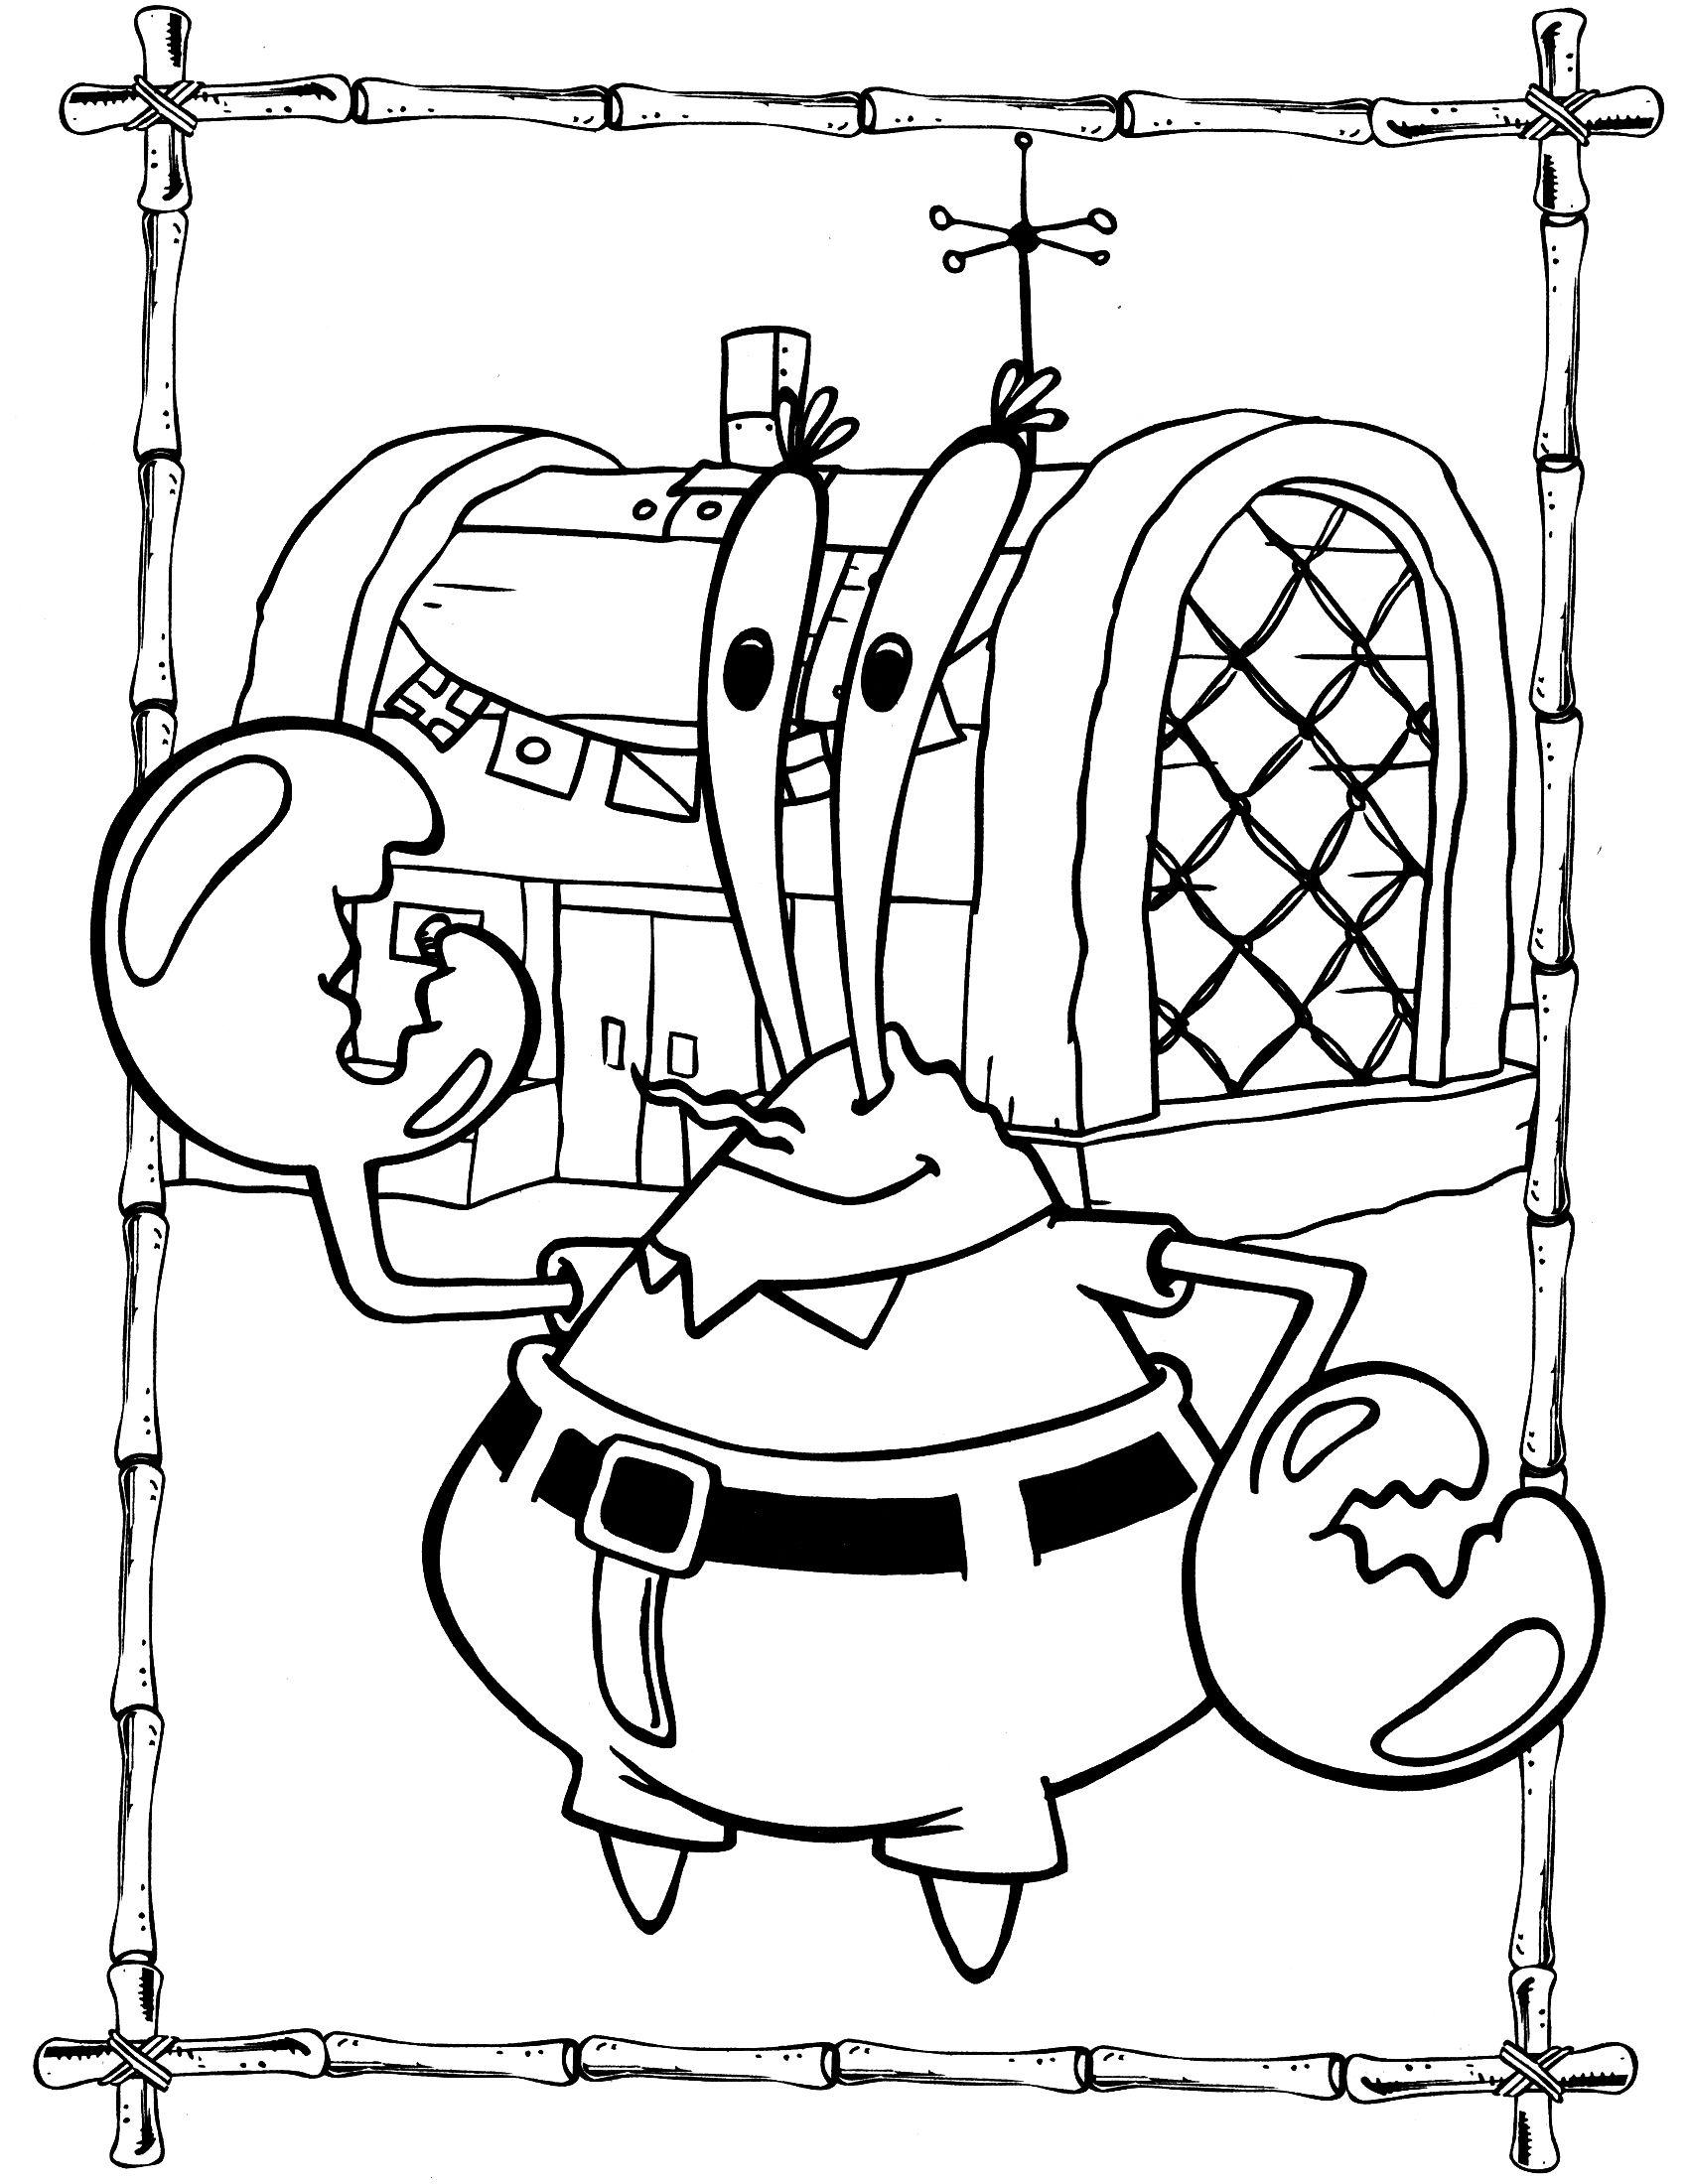 Spongebob Coloring Page 92